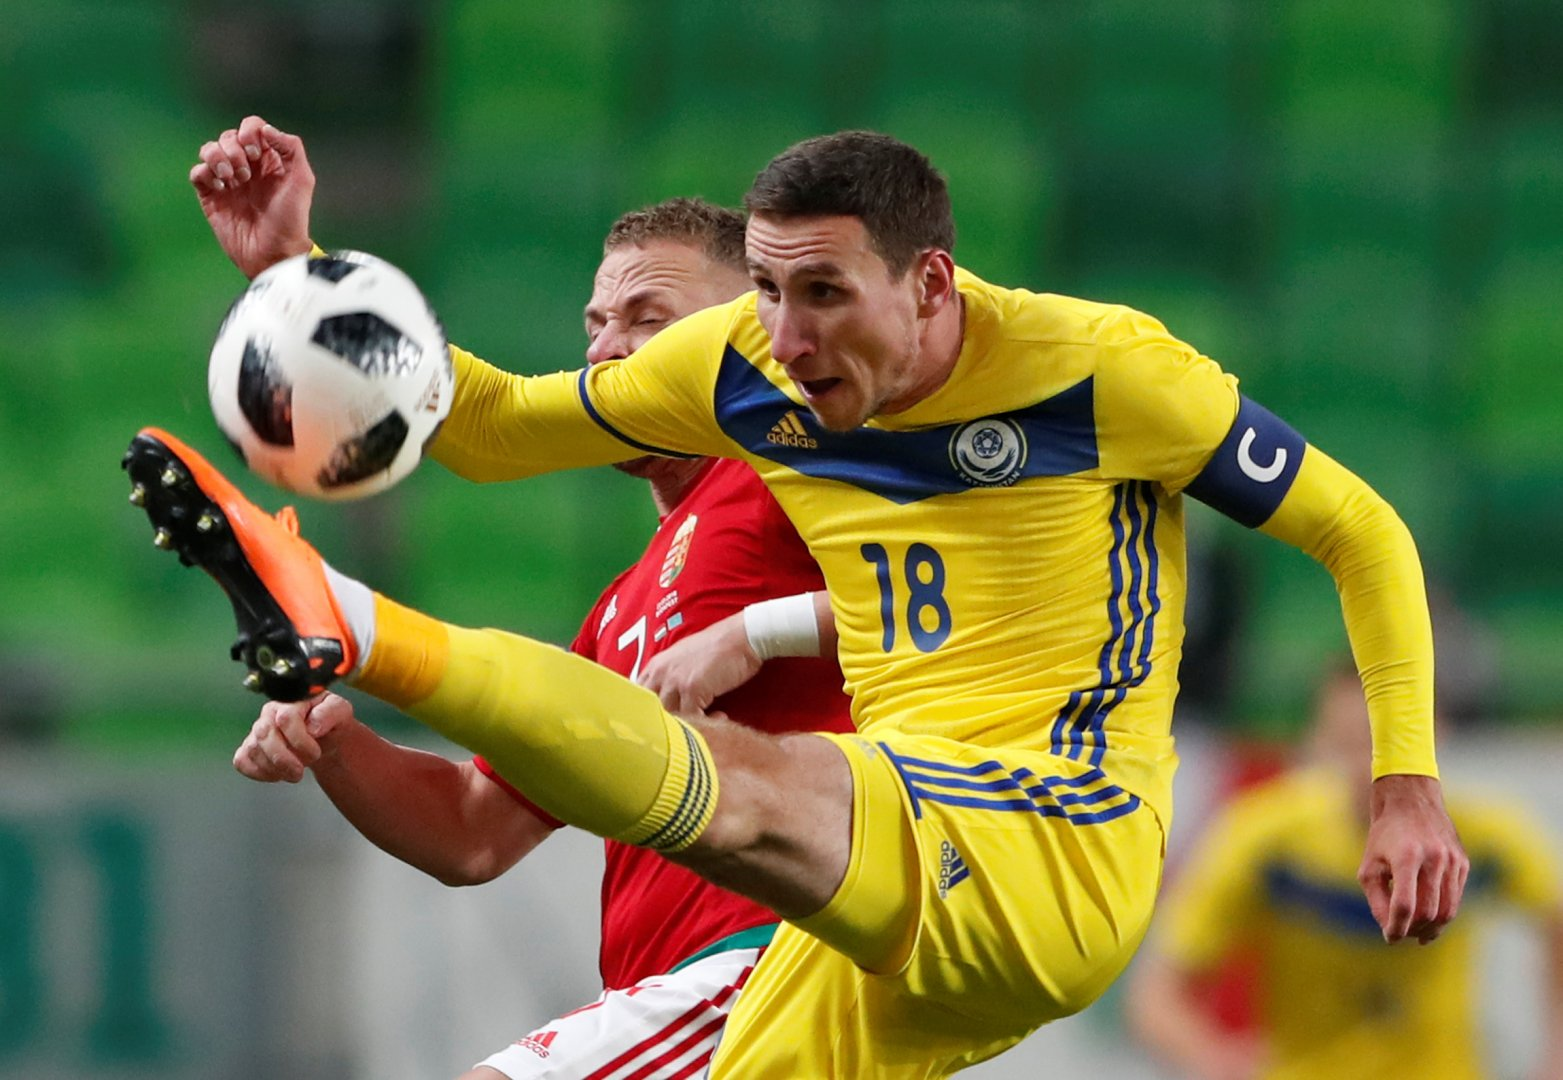 Картинки казахстанских футболистов, сложить